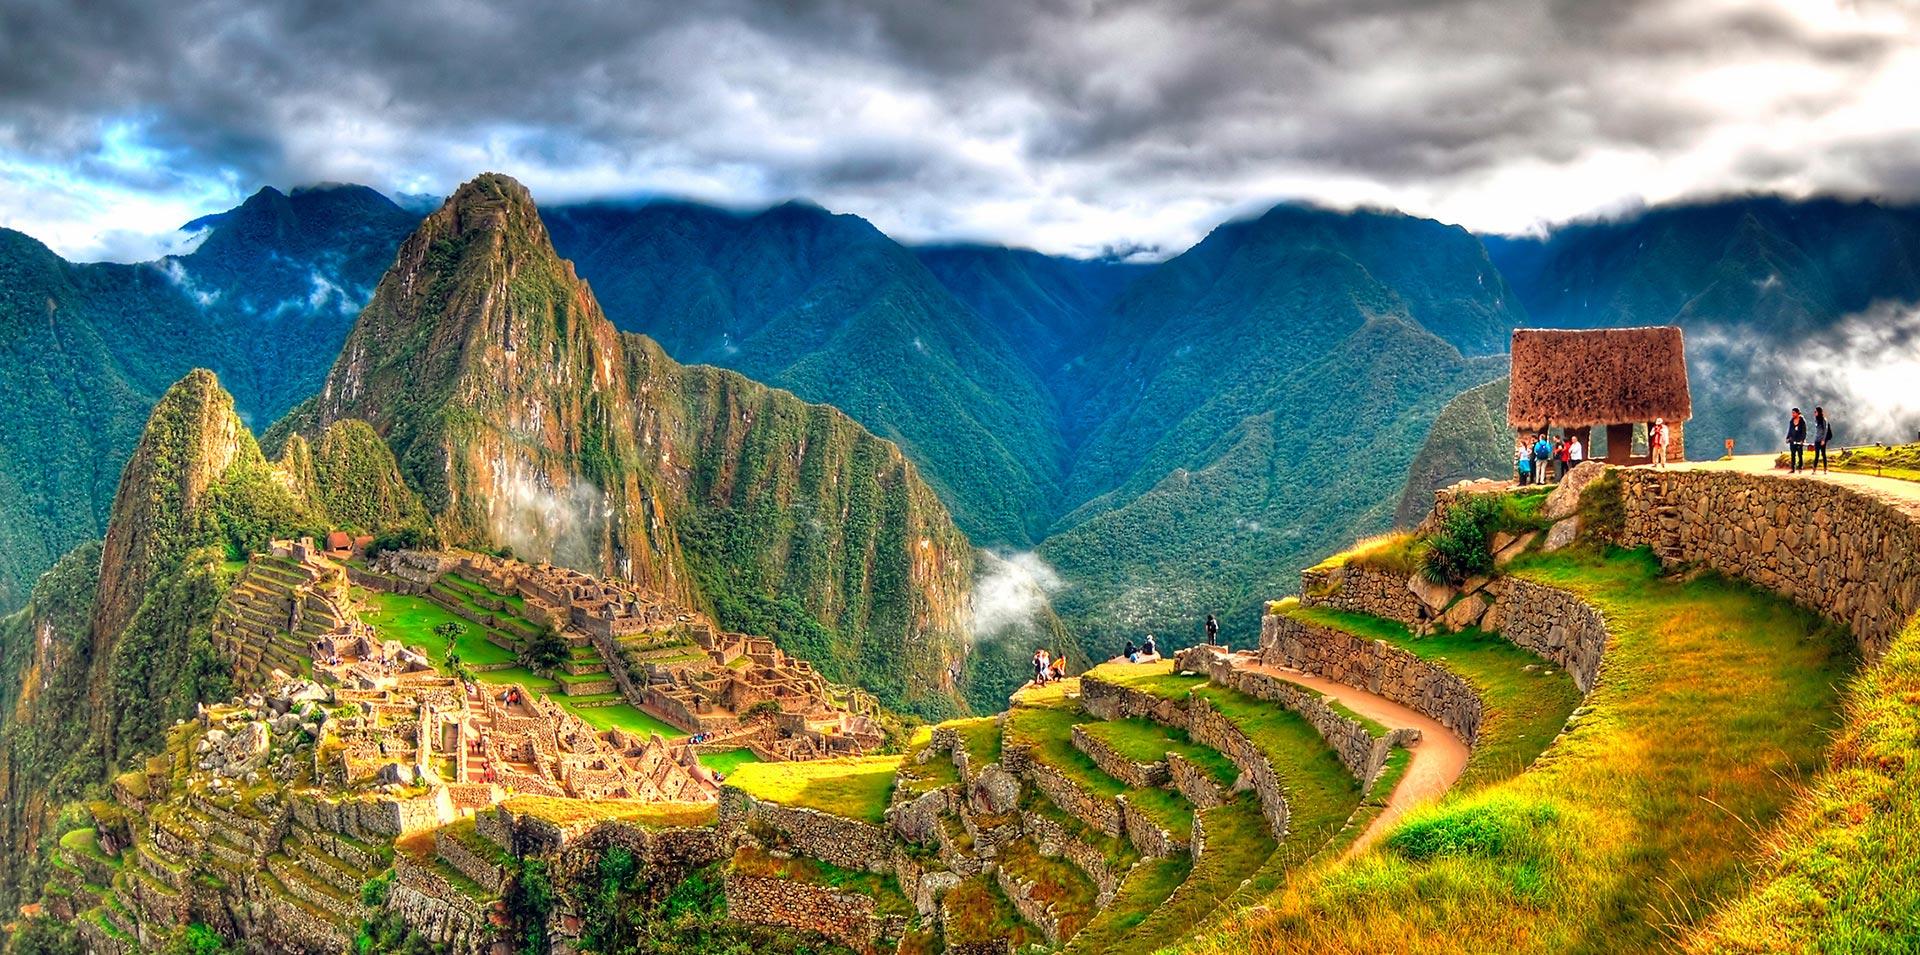 Ciudadela de Machu Picchu en Perú vista desde la distancia